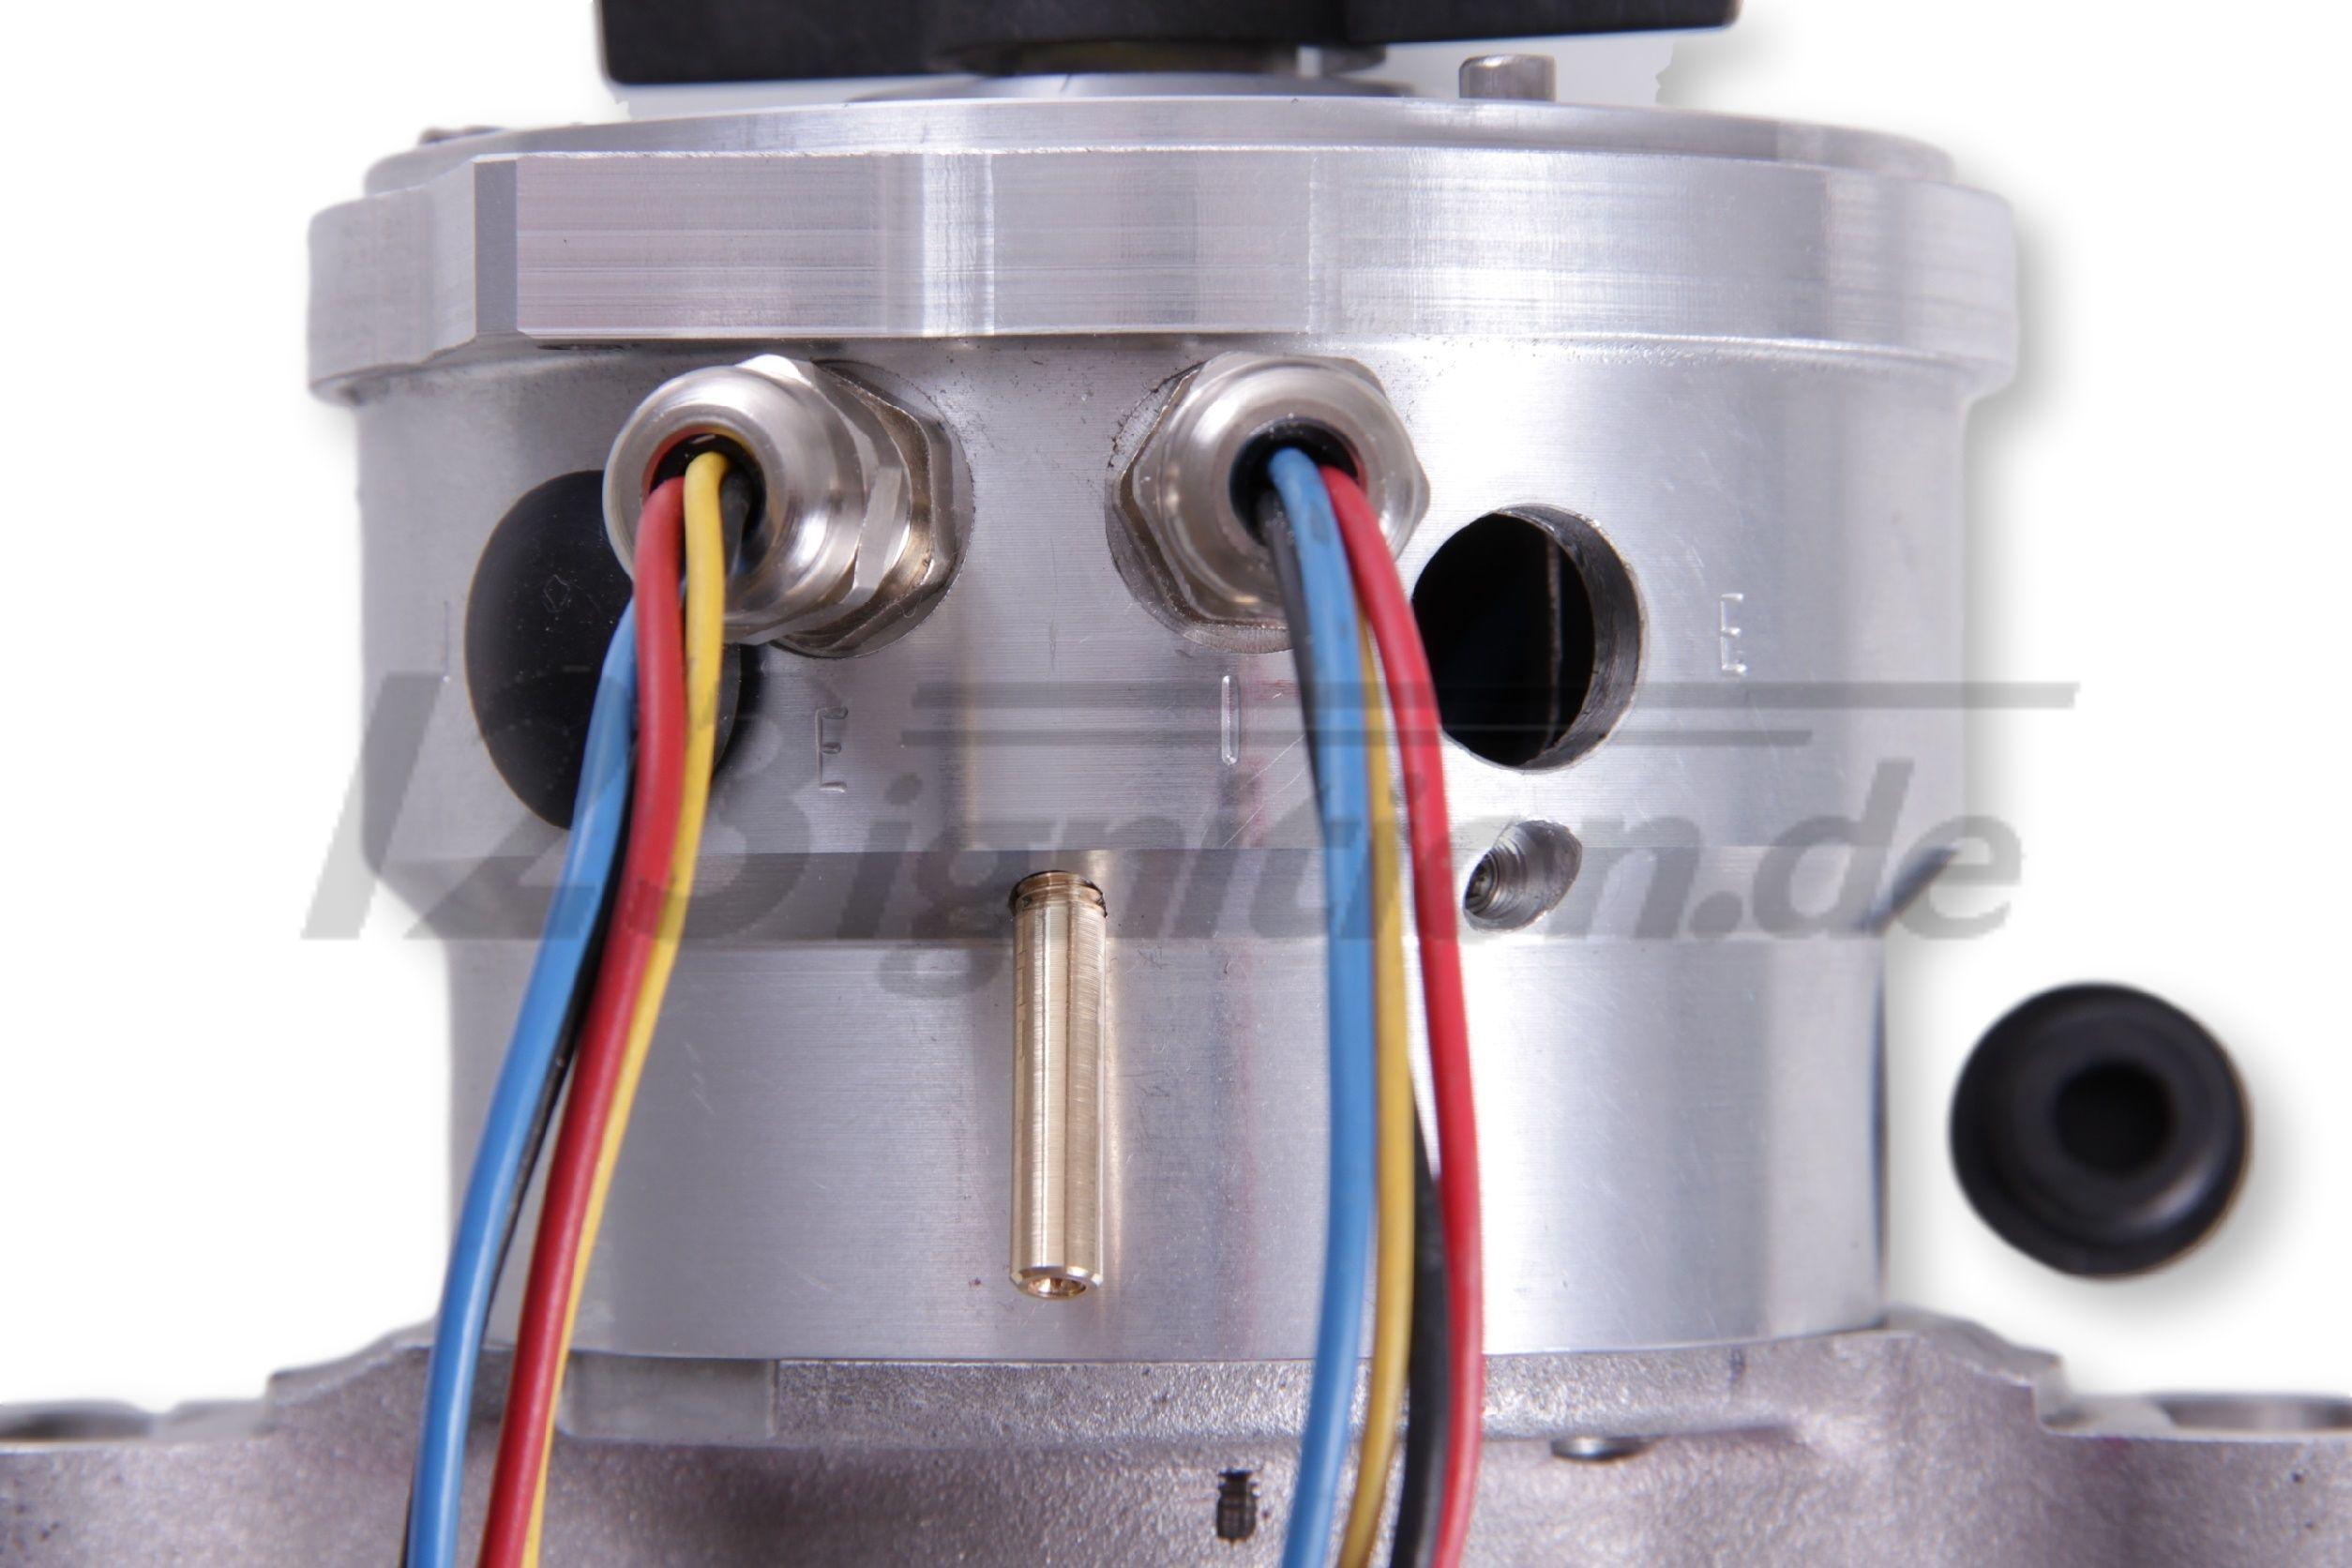 123\TUNE USB nelinpeli sytytysjakelija varten Toyota Corolla Celica Carina MR2 4A-GE moottori kuva 2